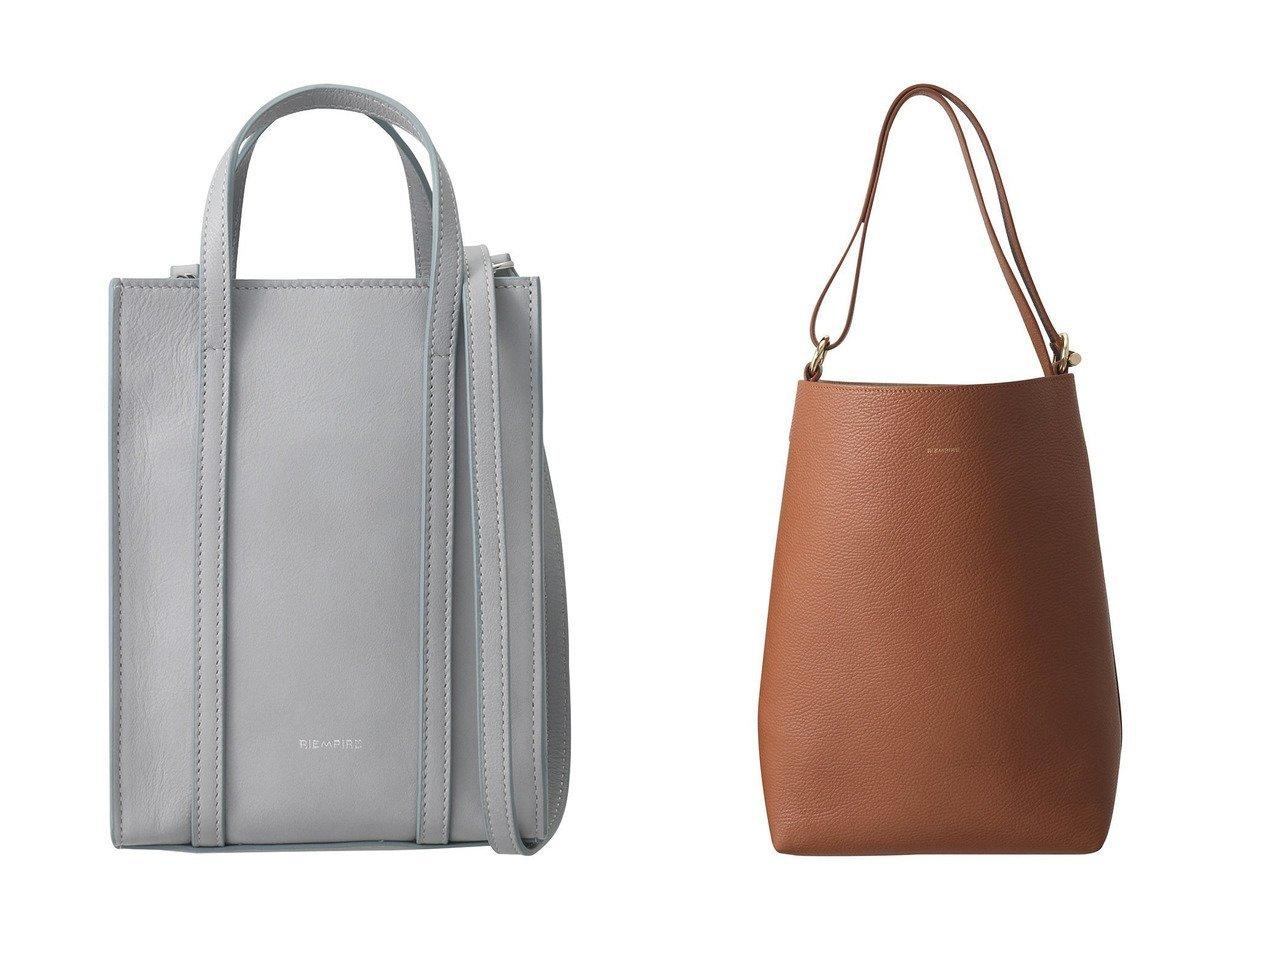 【RIEMPIRE/リエンピーレ】のMARILU 2wayミニトートバッグ&LAVINA 2wayショルダーバッグ 【バッグ・鞄】おすすめ!人気、トレンド・レディースファッションの通販  おすすめで人気の流行・トレンド、ファッションの通販商品 メンズファッション・キッズファッション・インテリア・家具・レディースファッション・服の通販 founy(ファニー) https://founy.com/ ファッション Fashion レディースファッション WOMEN バッグ Bag ショルダー シンプル コンパクト ハンドバッグ  ID:crp329100000032120